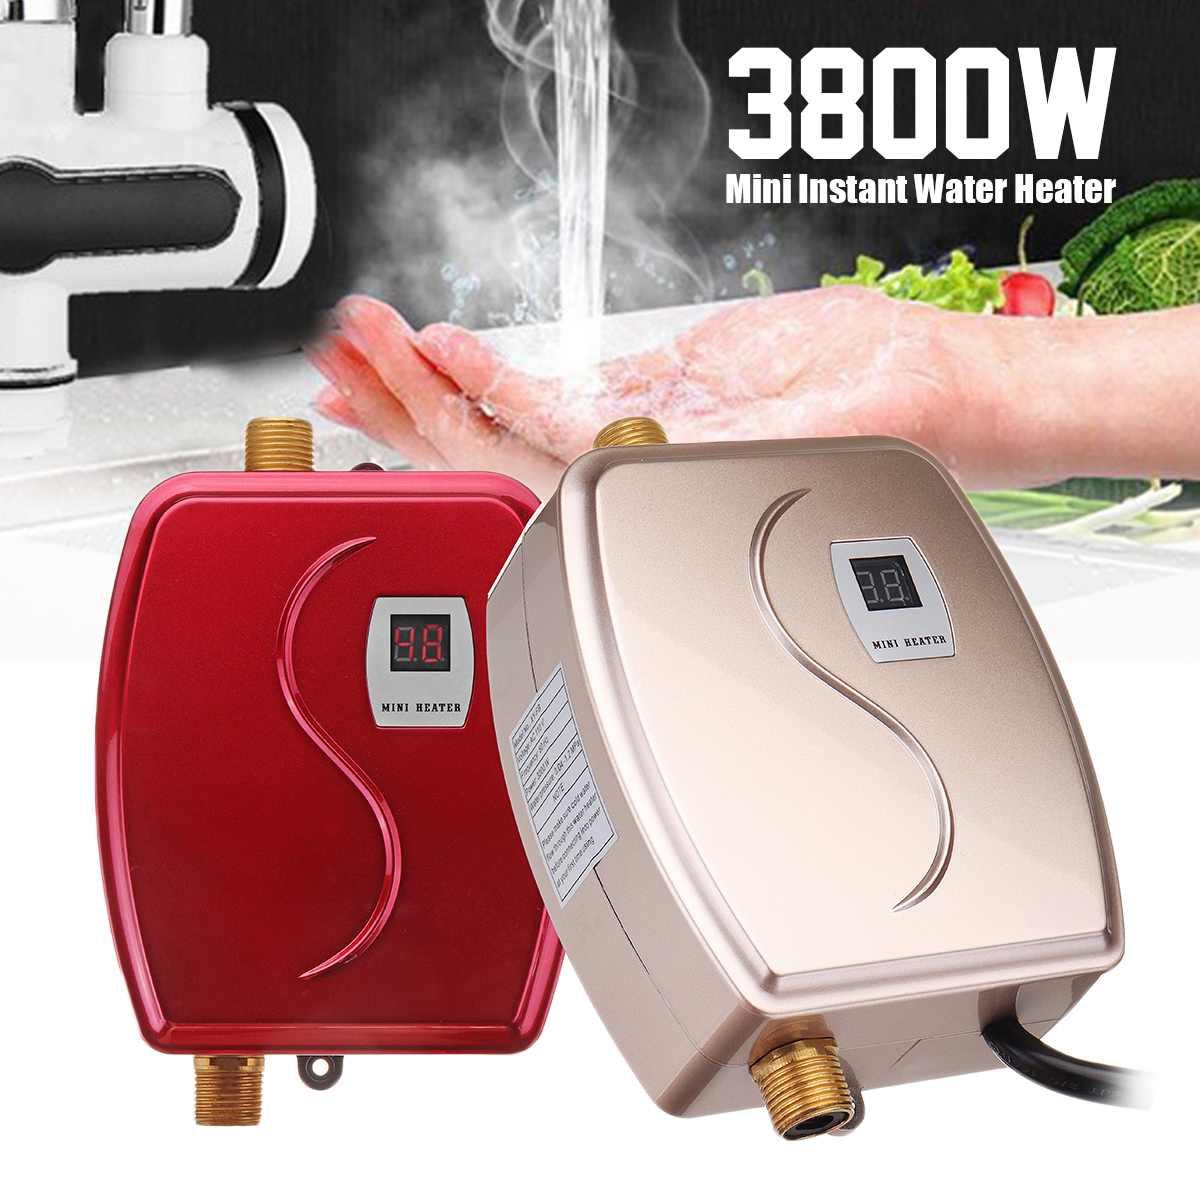 3800 W Mini chauffe-eau instantané sans réservoir robinet cuisine chauffage Thermostat US/EU prise intelligente économie d'énergie étanche